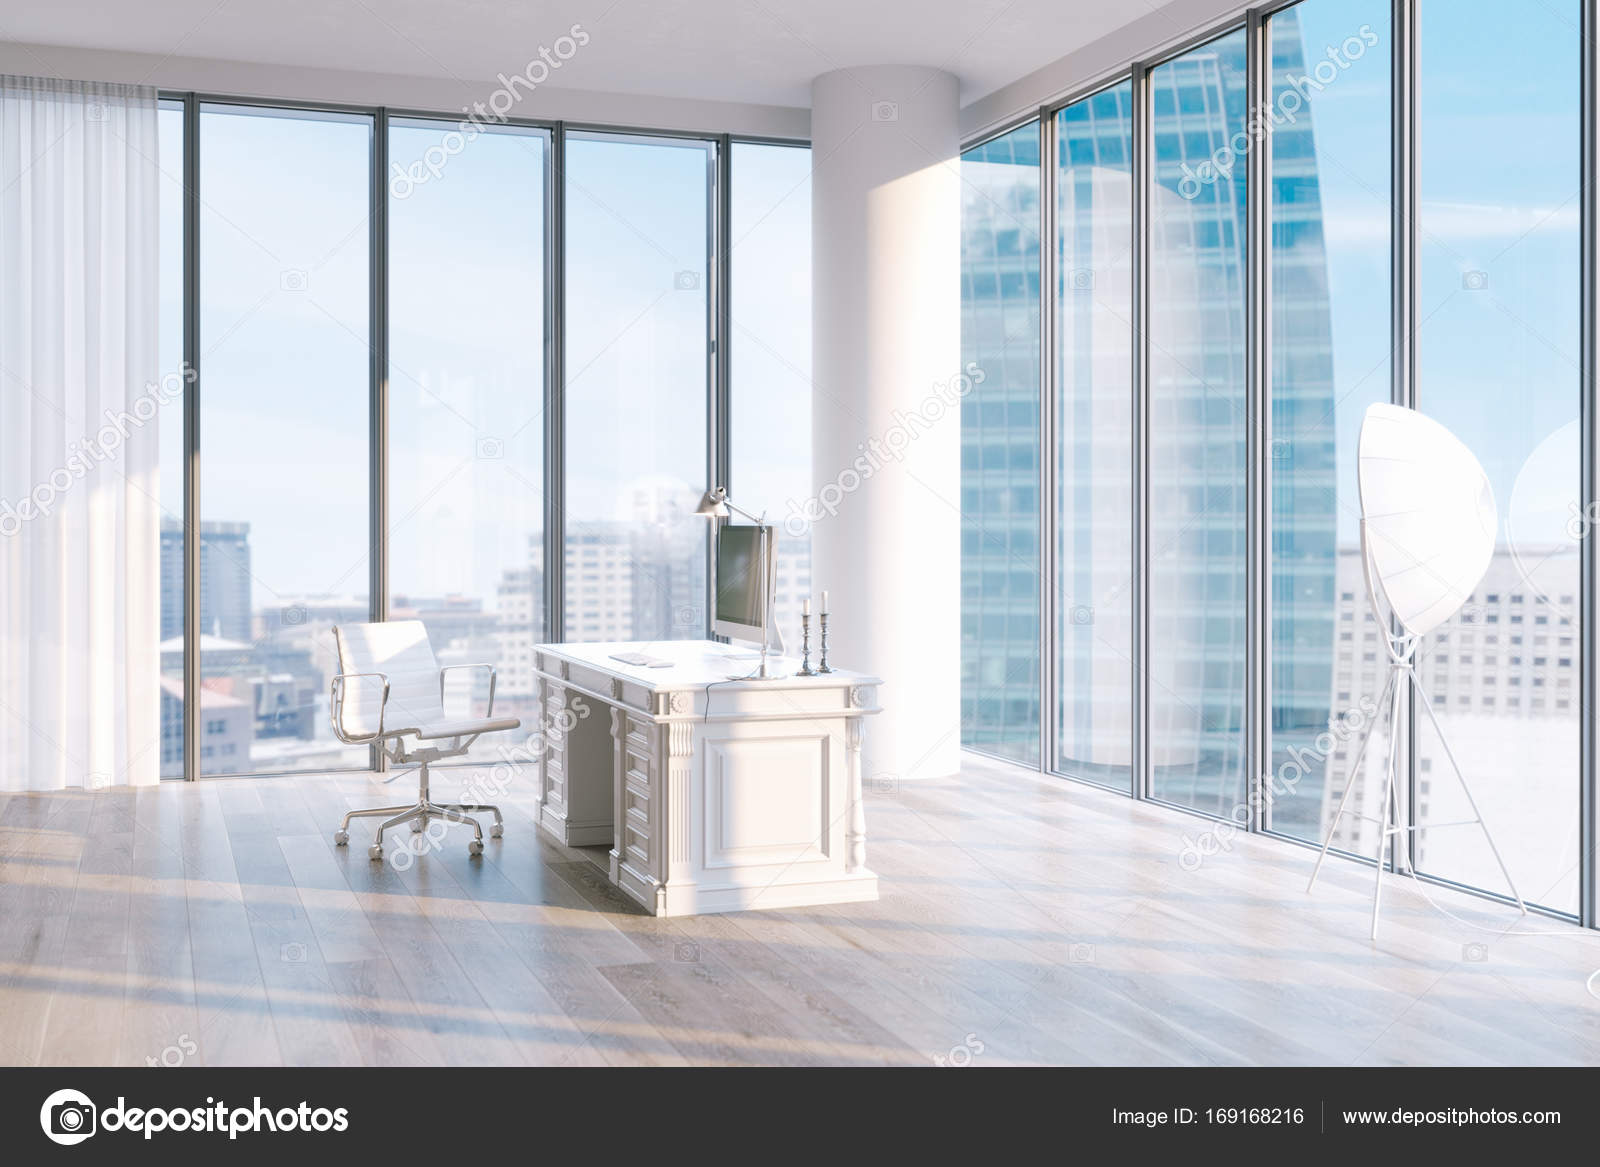 Minimalistische kantoor interieur een penthouse met grote ramen